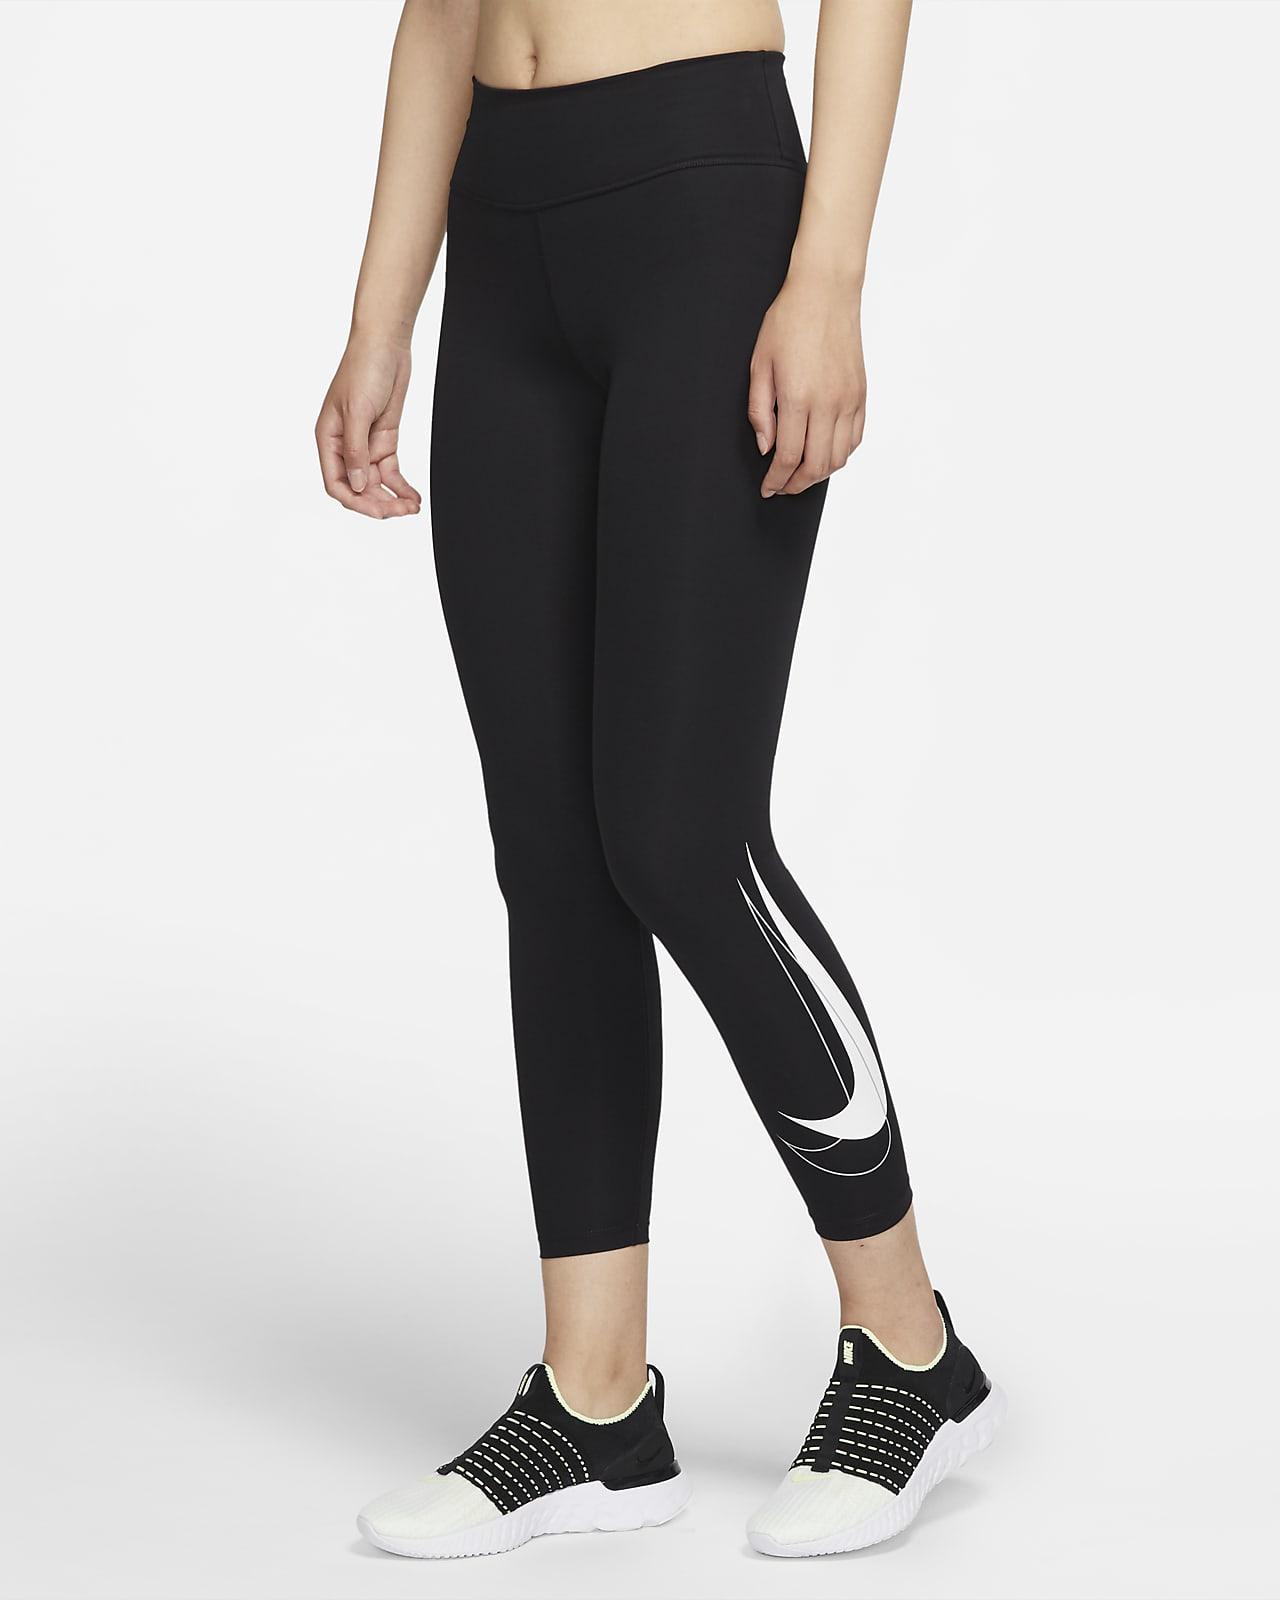 เลกกิ้งวิ่งเอวปานกลาง 7/8 ส่วนผู้หญิง Nike Dri-FIT Swoosh Run